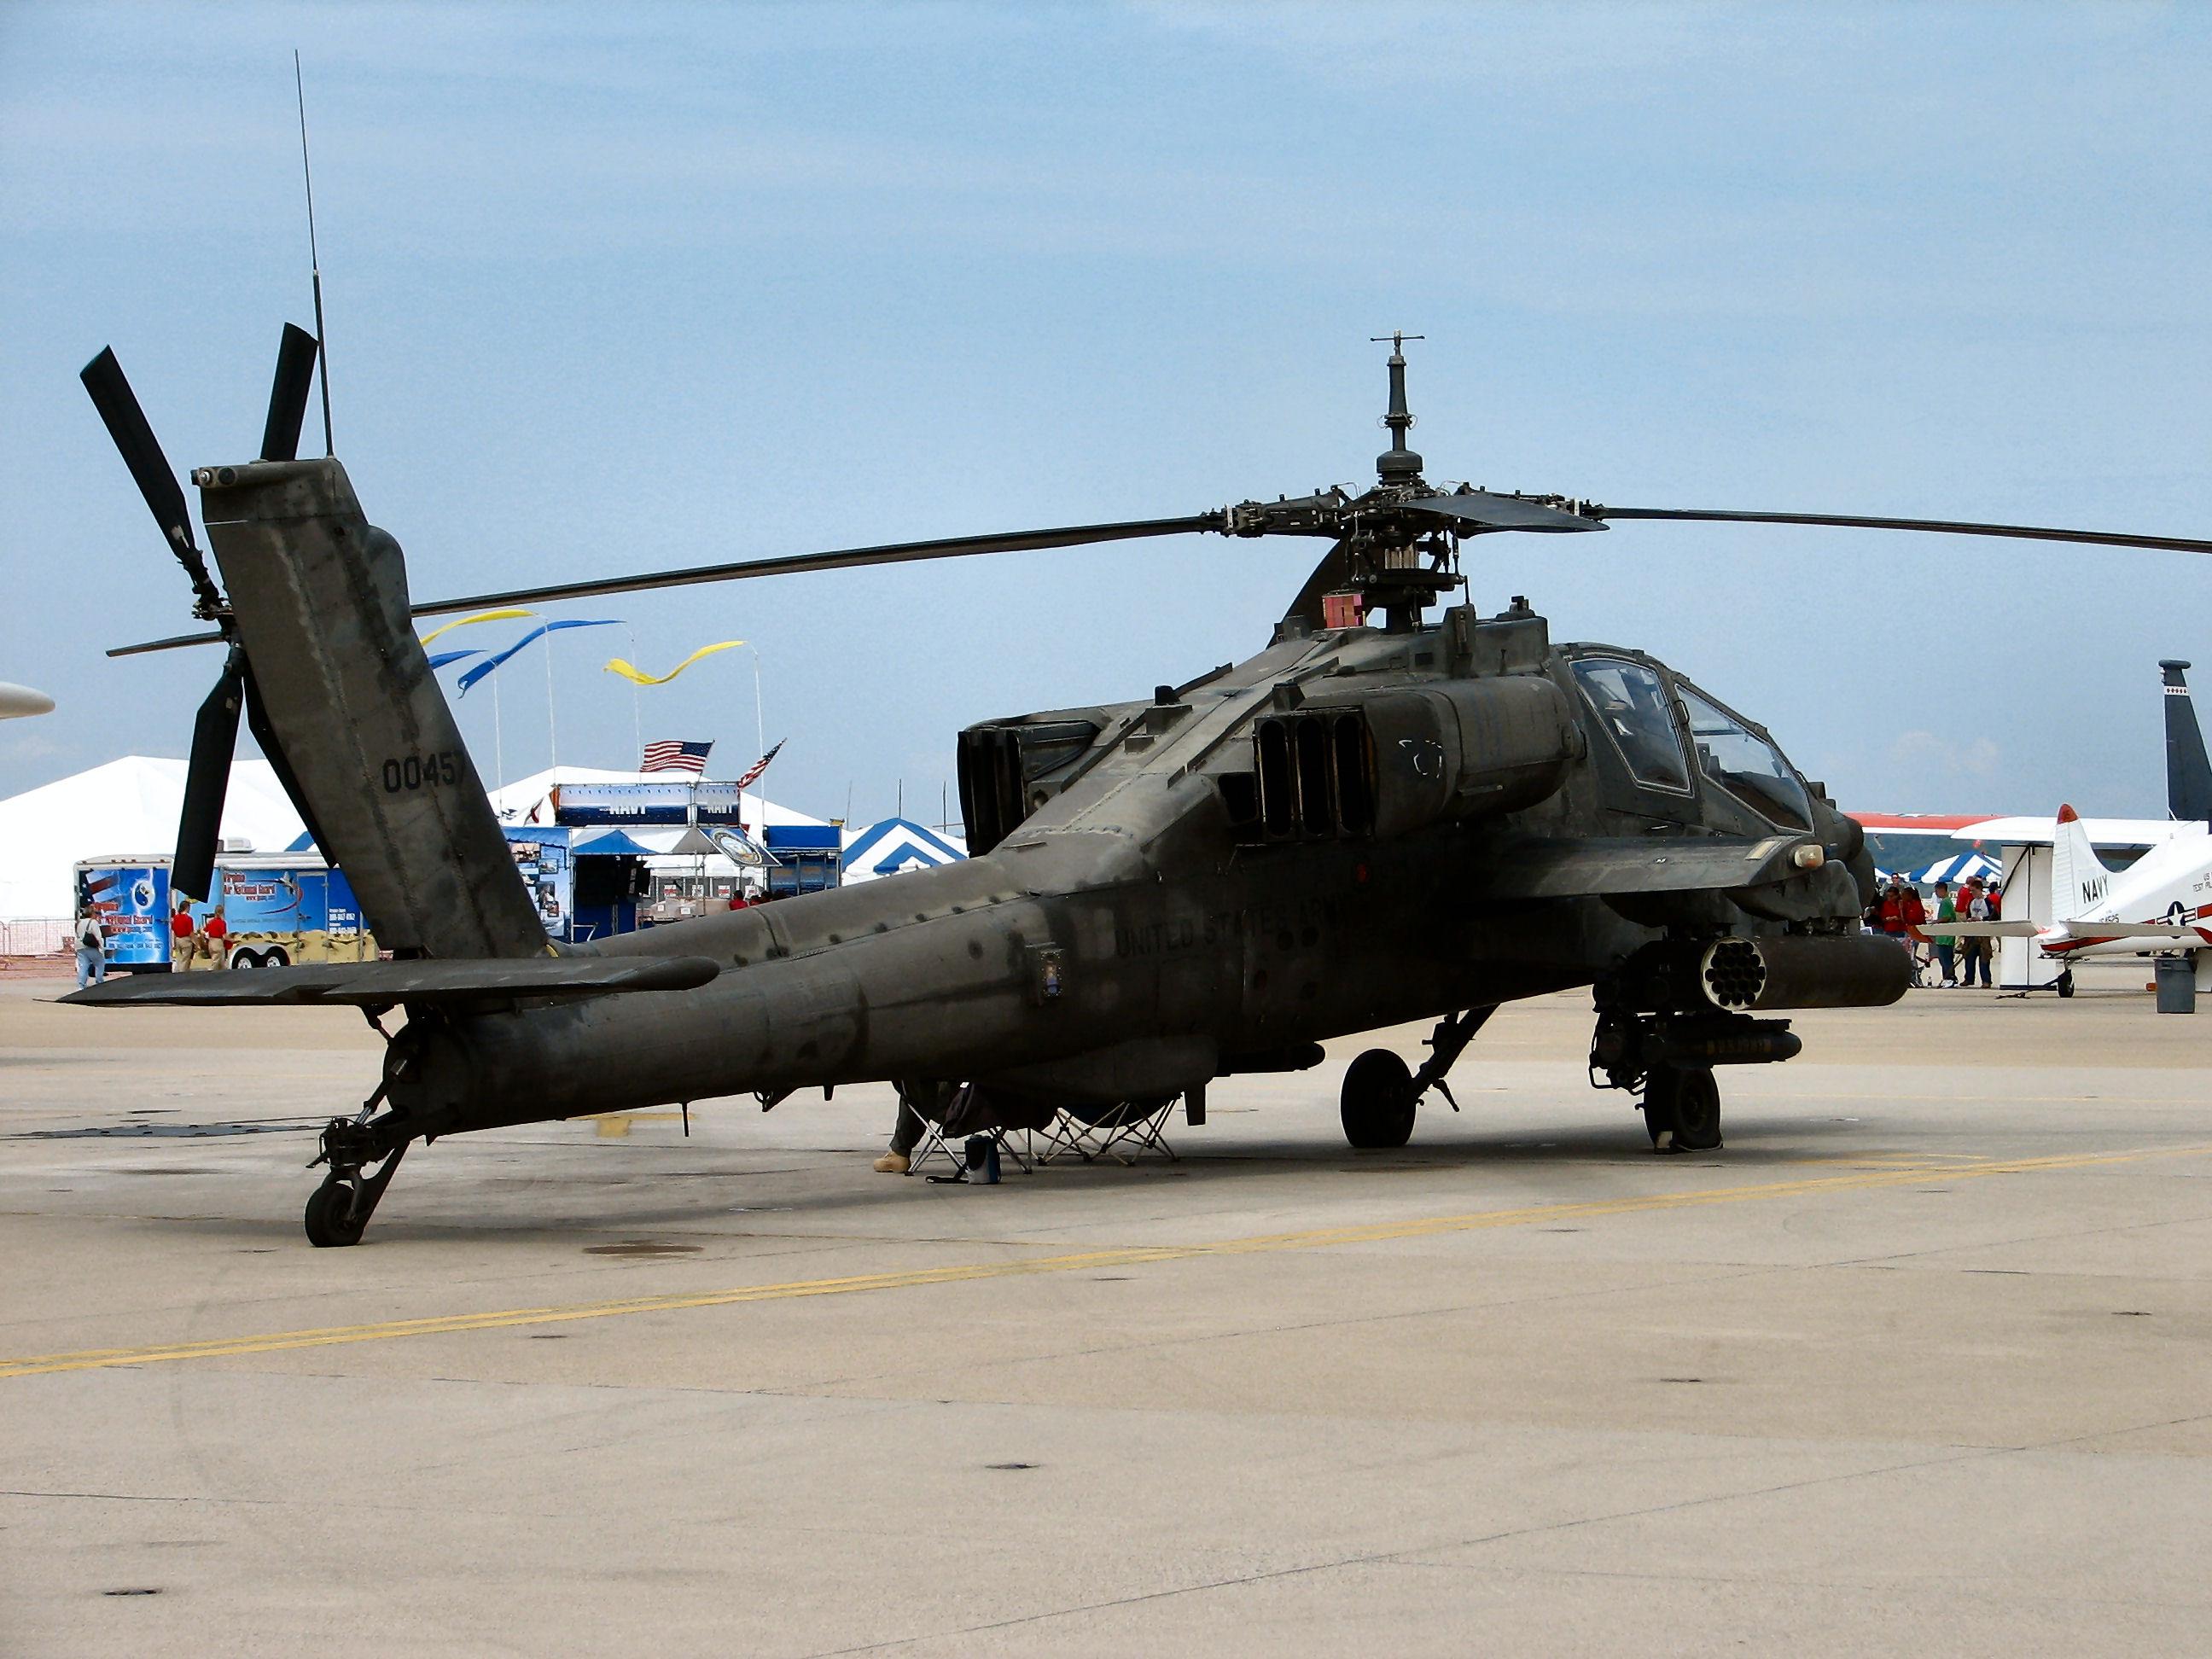 ah-64阿帕奇武装直升机一系列